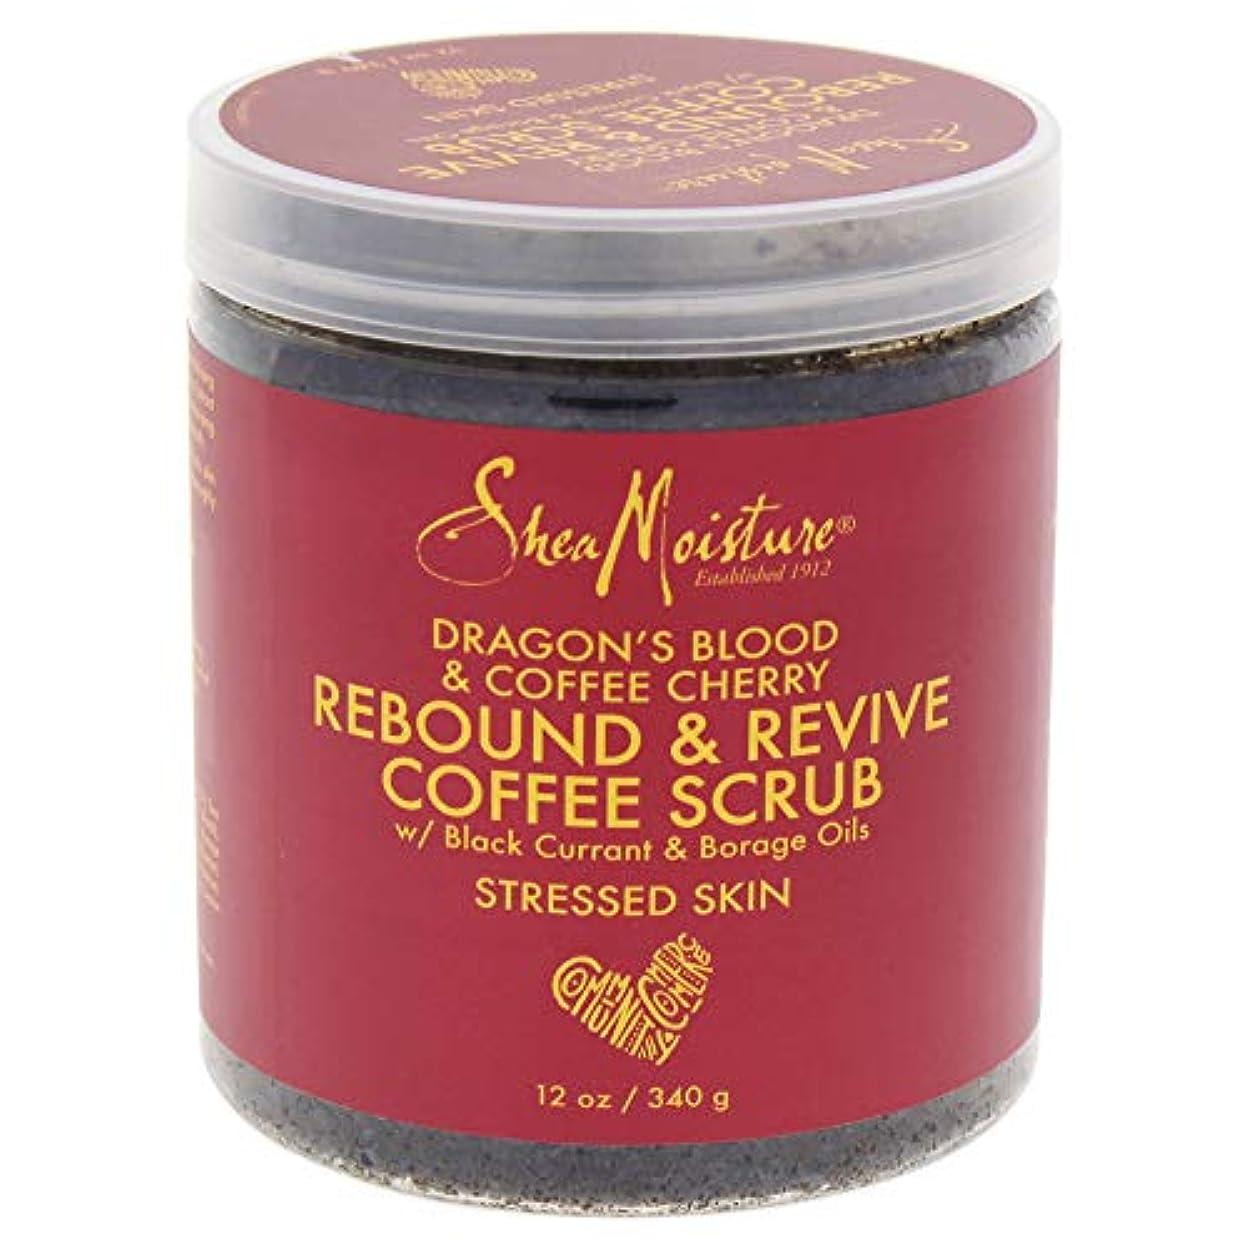 雇用ジェット終了しましたDragons Blood & Coffee Cherry Rebound & Revive Coffee Scrub